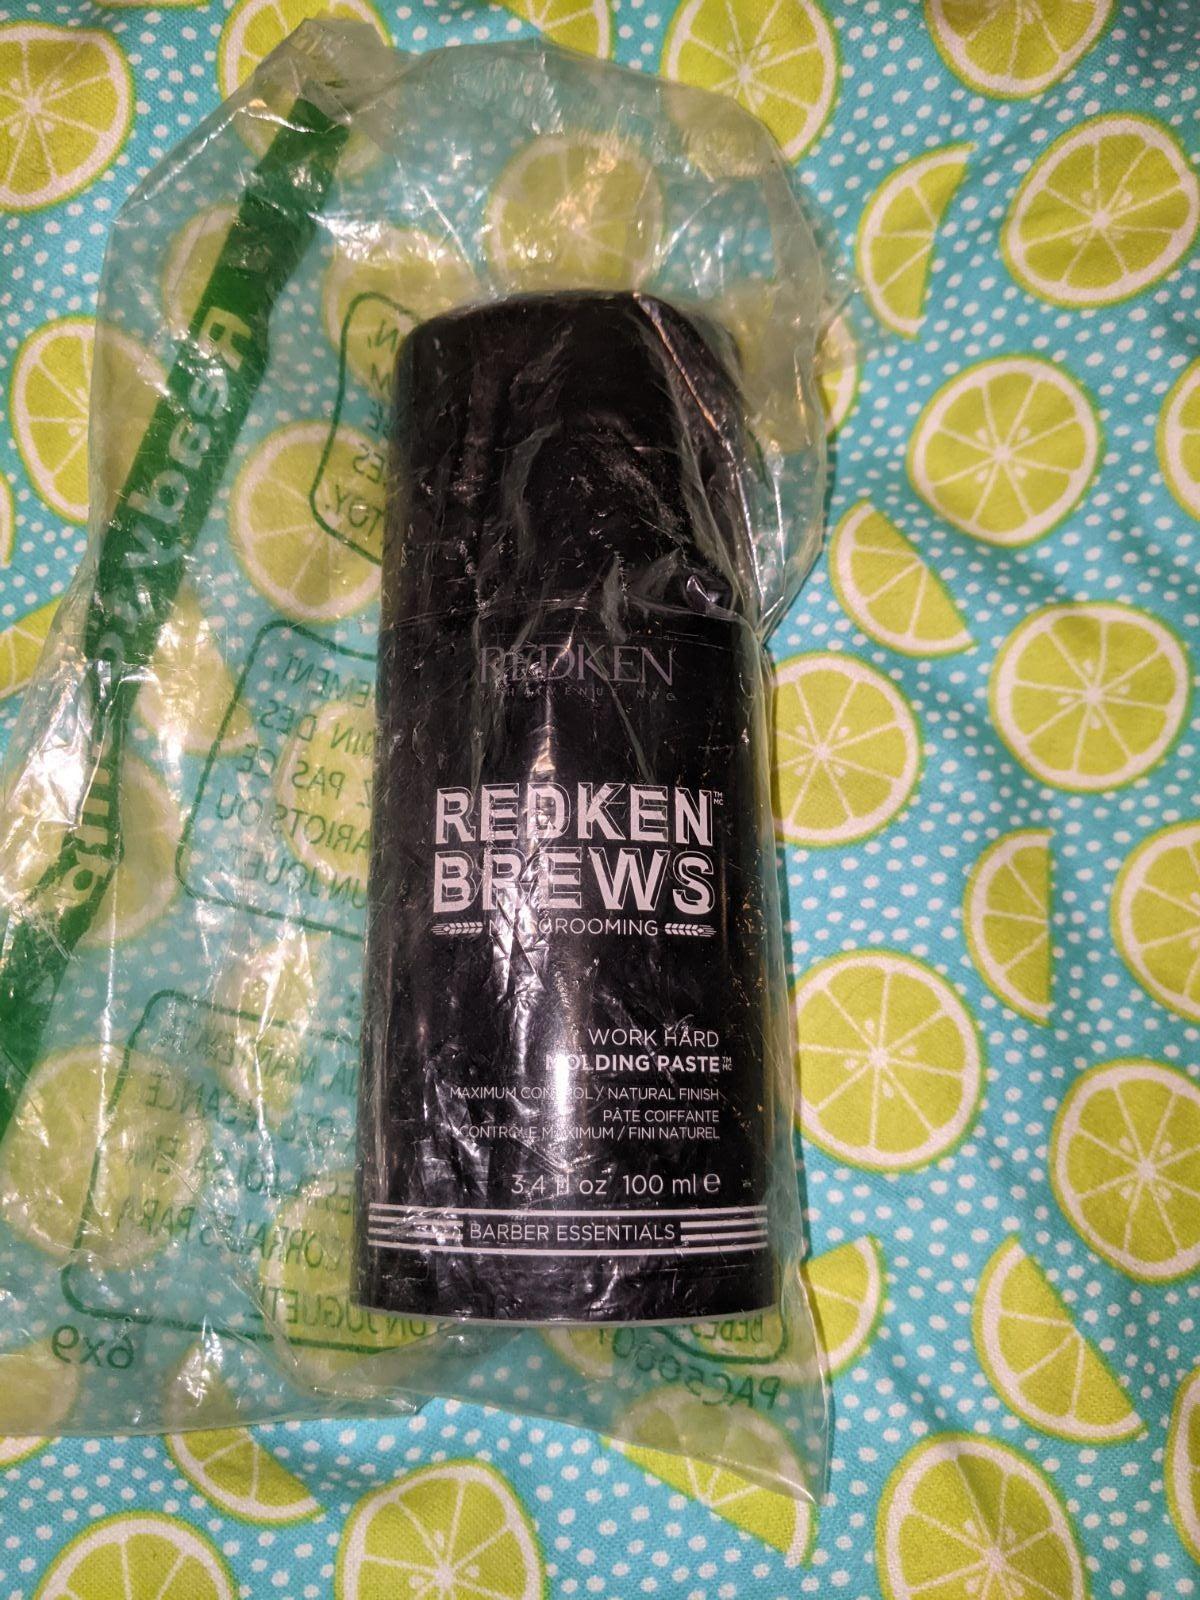 Redken brews work hard molding paste